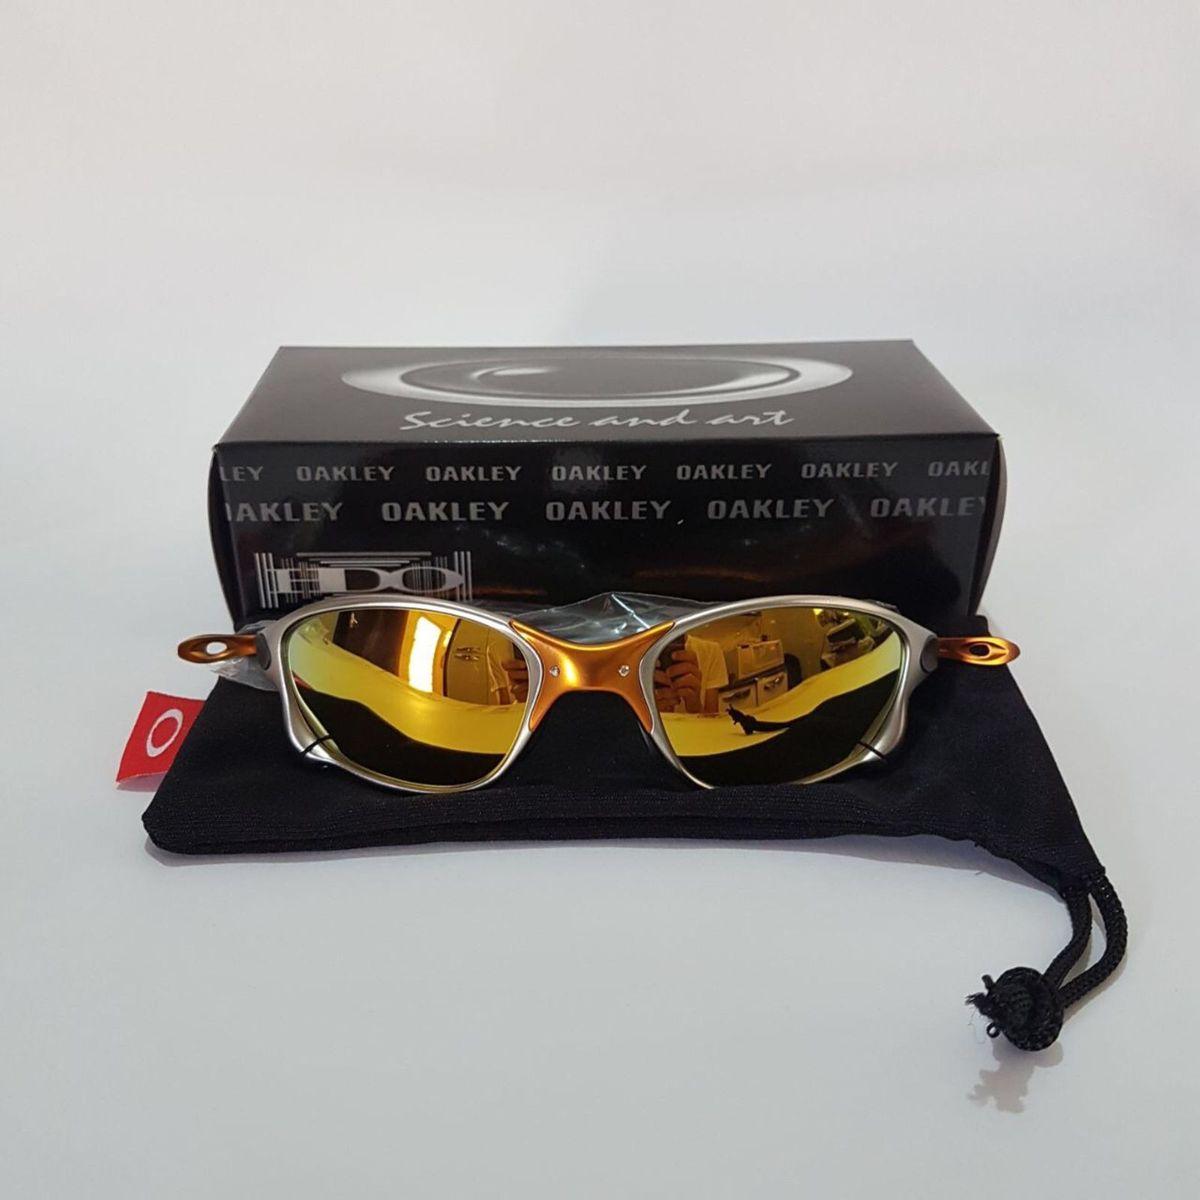 óculos oakley juliet dourado 24k - óculos oakley.  Czm6ly9wag90b3muzw5qb2vplmnvbs5ici9wcm9kdwn0cy81mdq3nzk5lzi1mzc2ndhjntfjngm5ote4mju5nwjjzjvkmdhlmmewlmpwzw 34dd465288